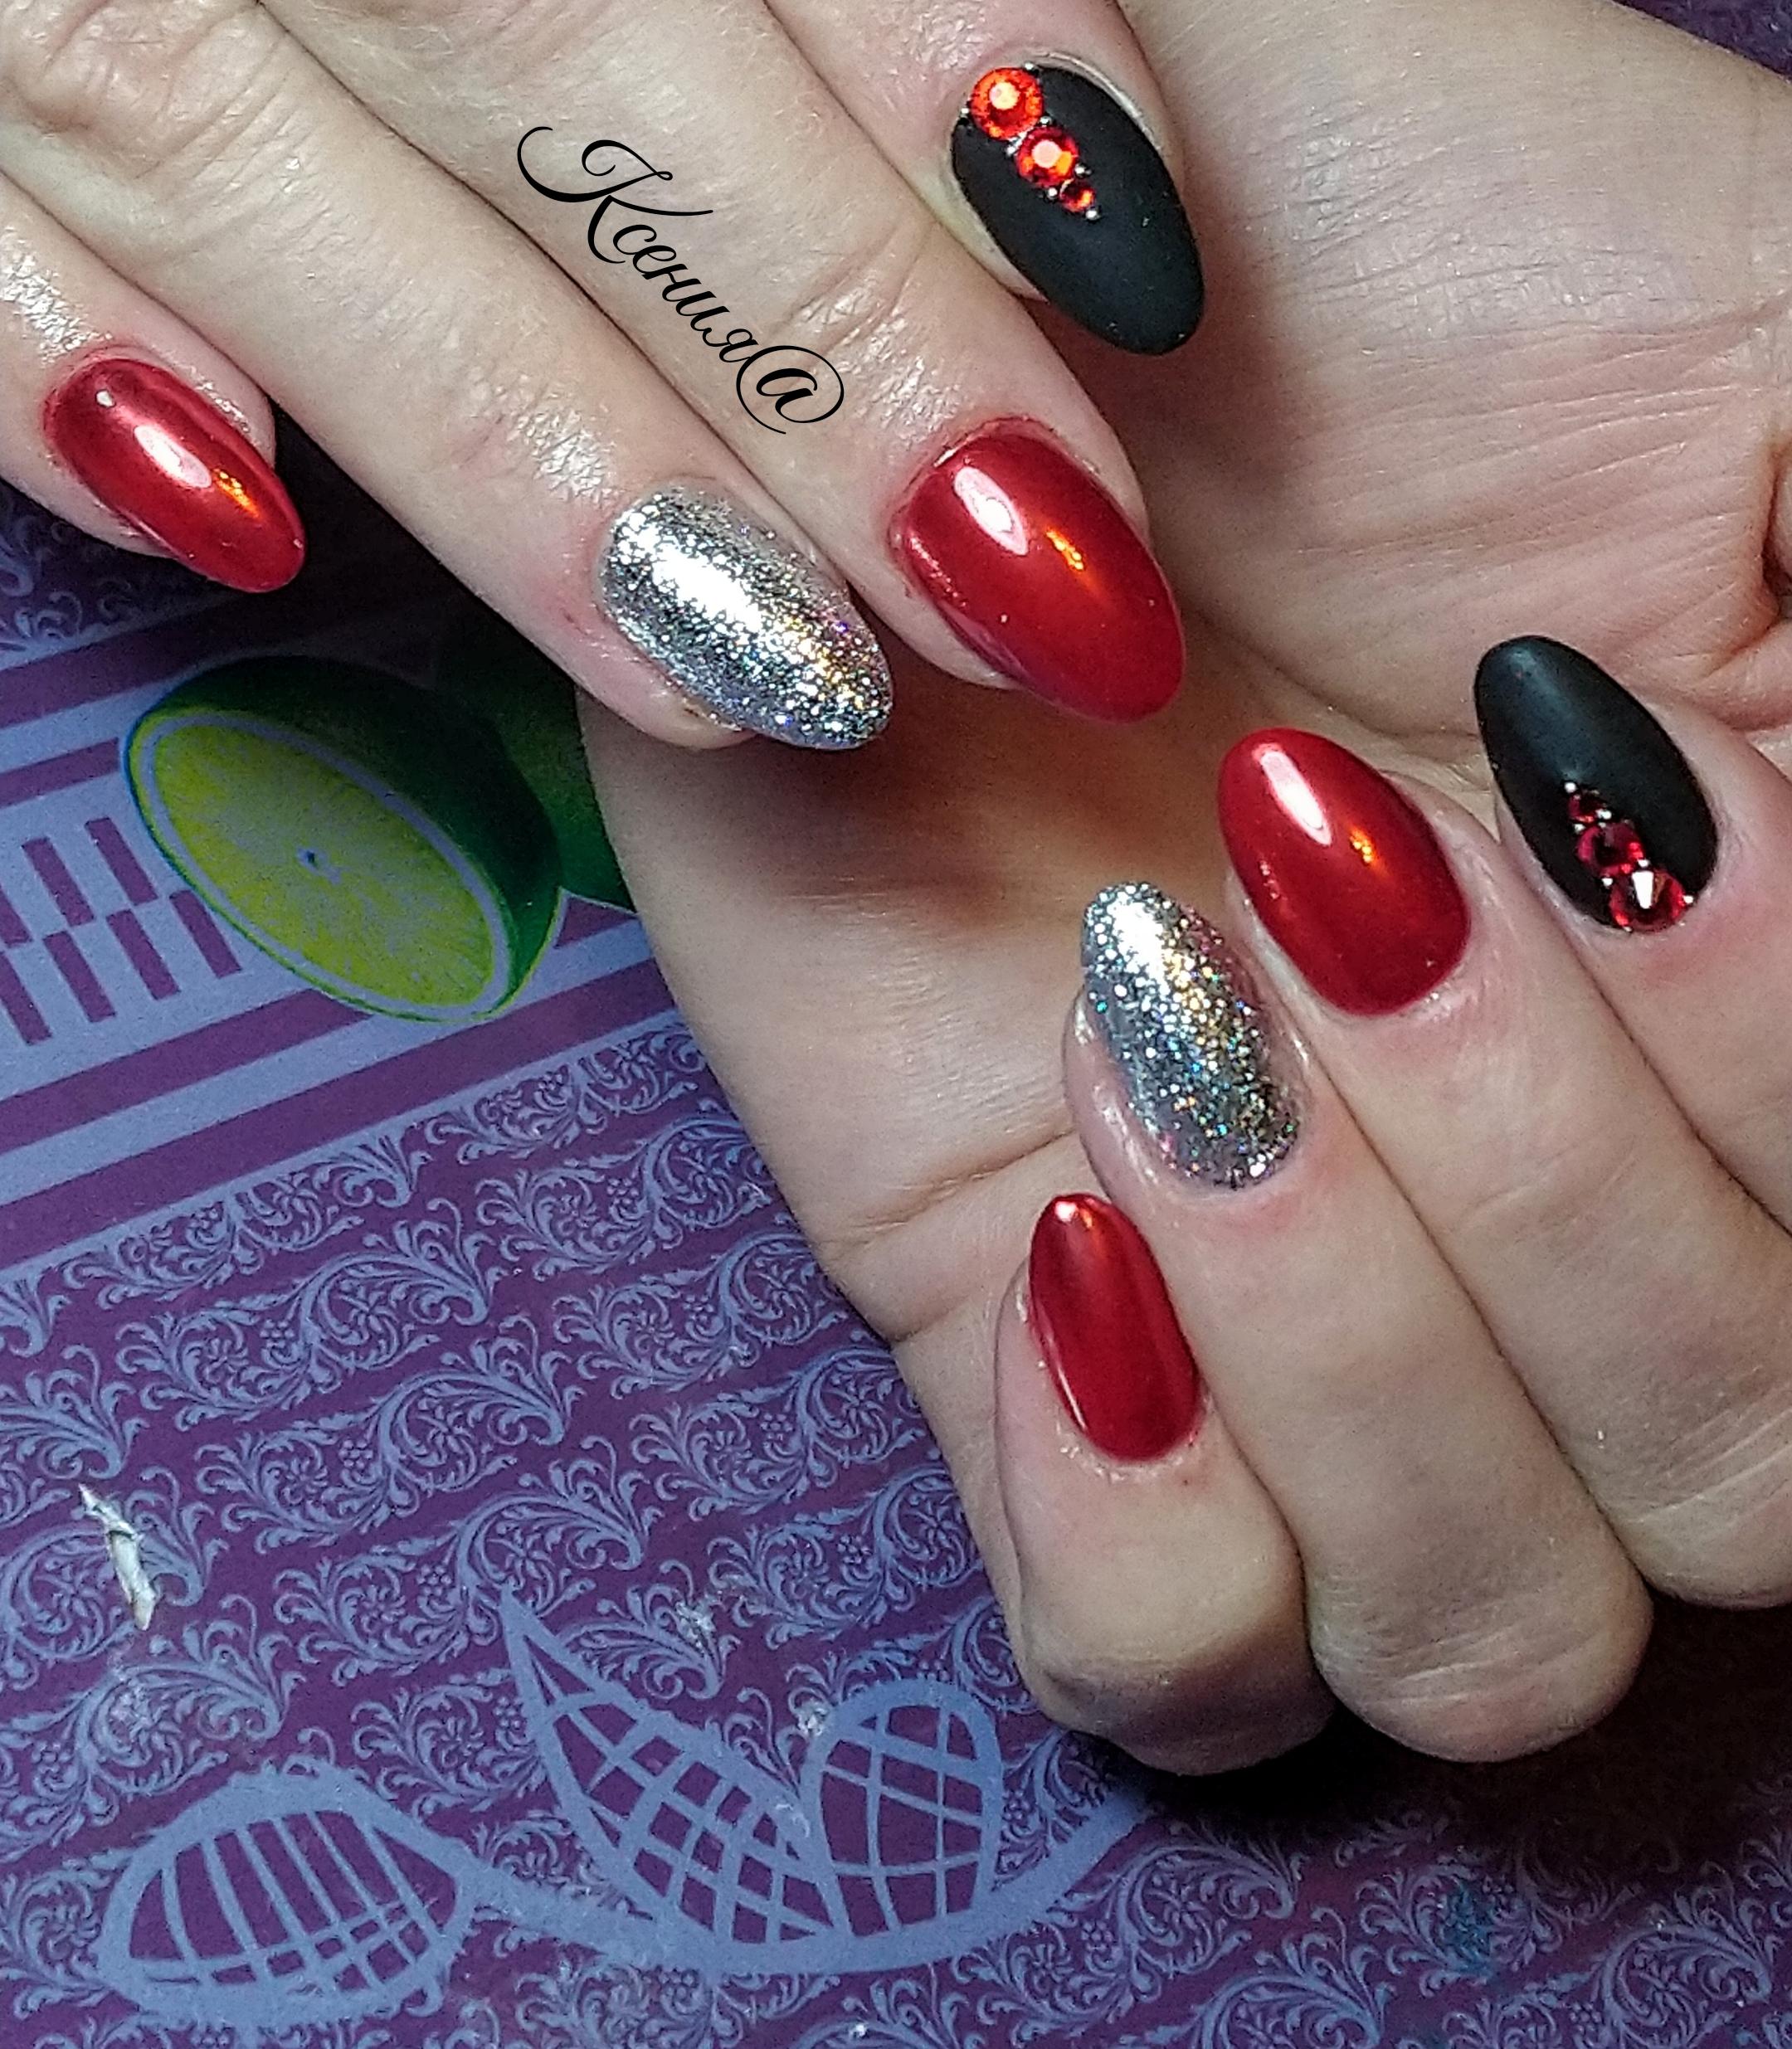 Маникюр в красном цвете с чёрным матовым дизайном, серебряными блёстками и стразами.